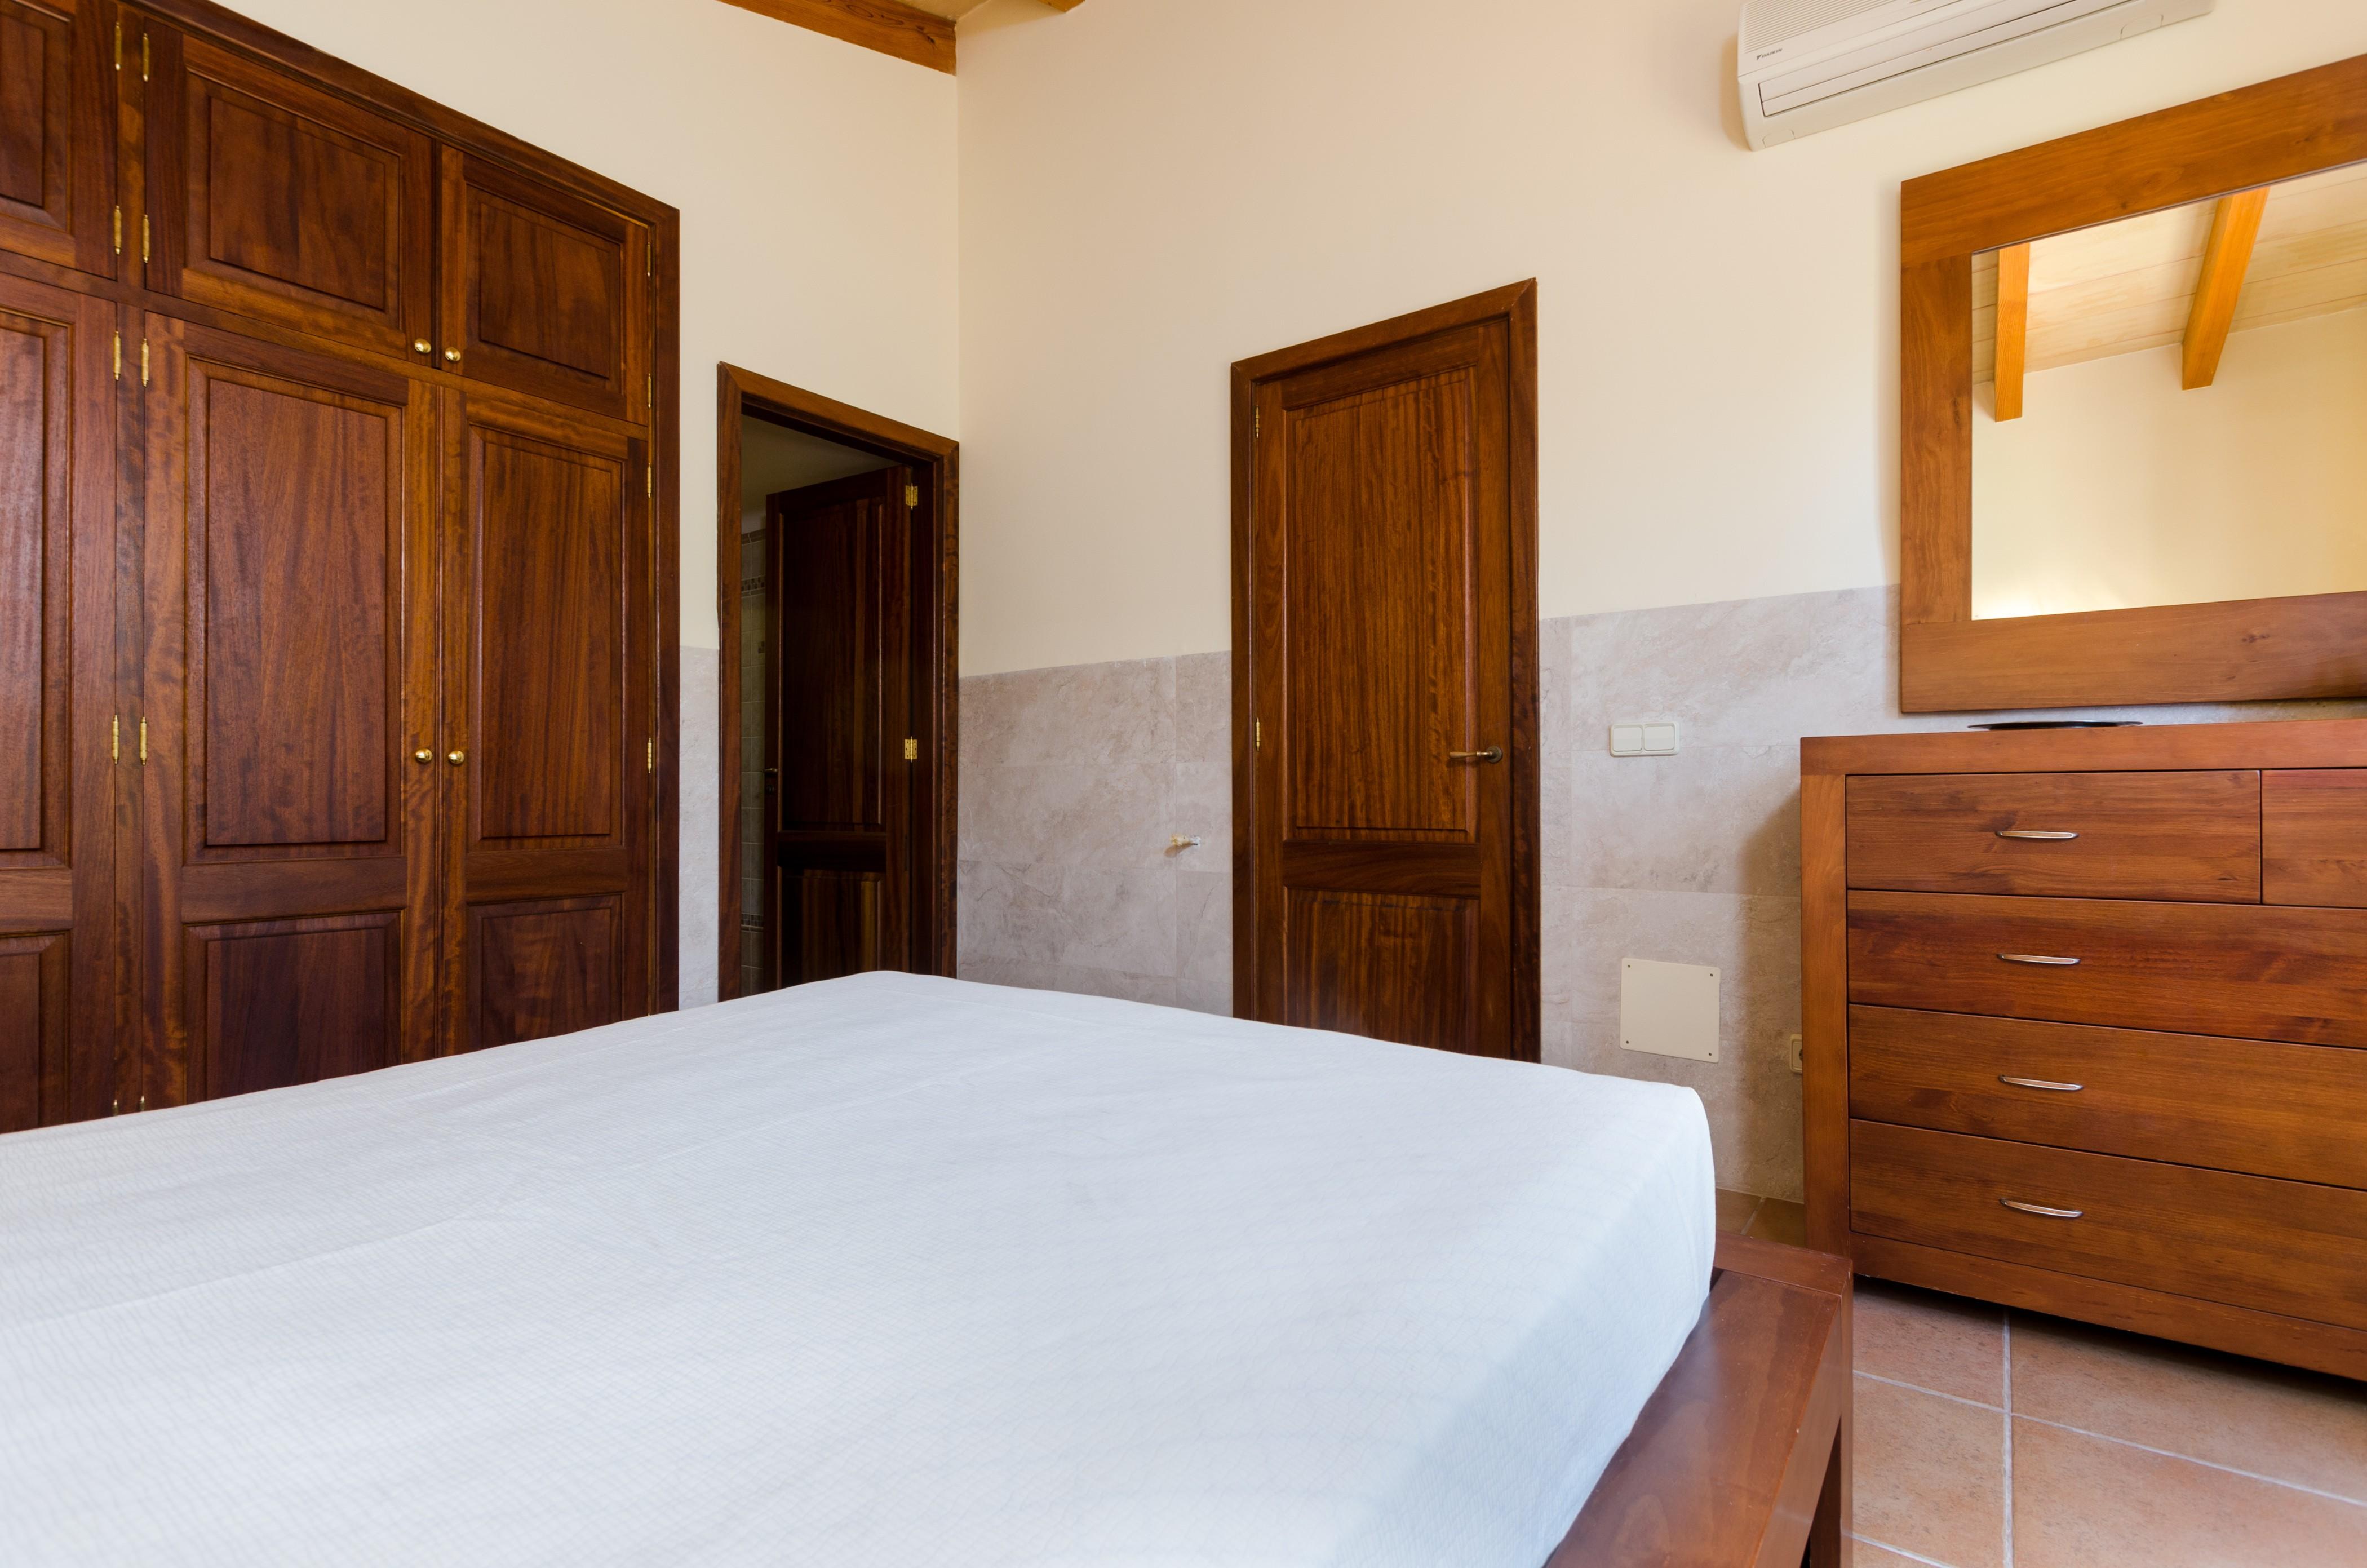 Maison de vacances ES VEDAT (2632993), Lloret de Vistalegre, Majorque, Iles Baléares, Espagne, image 21